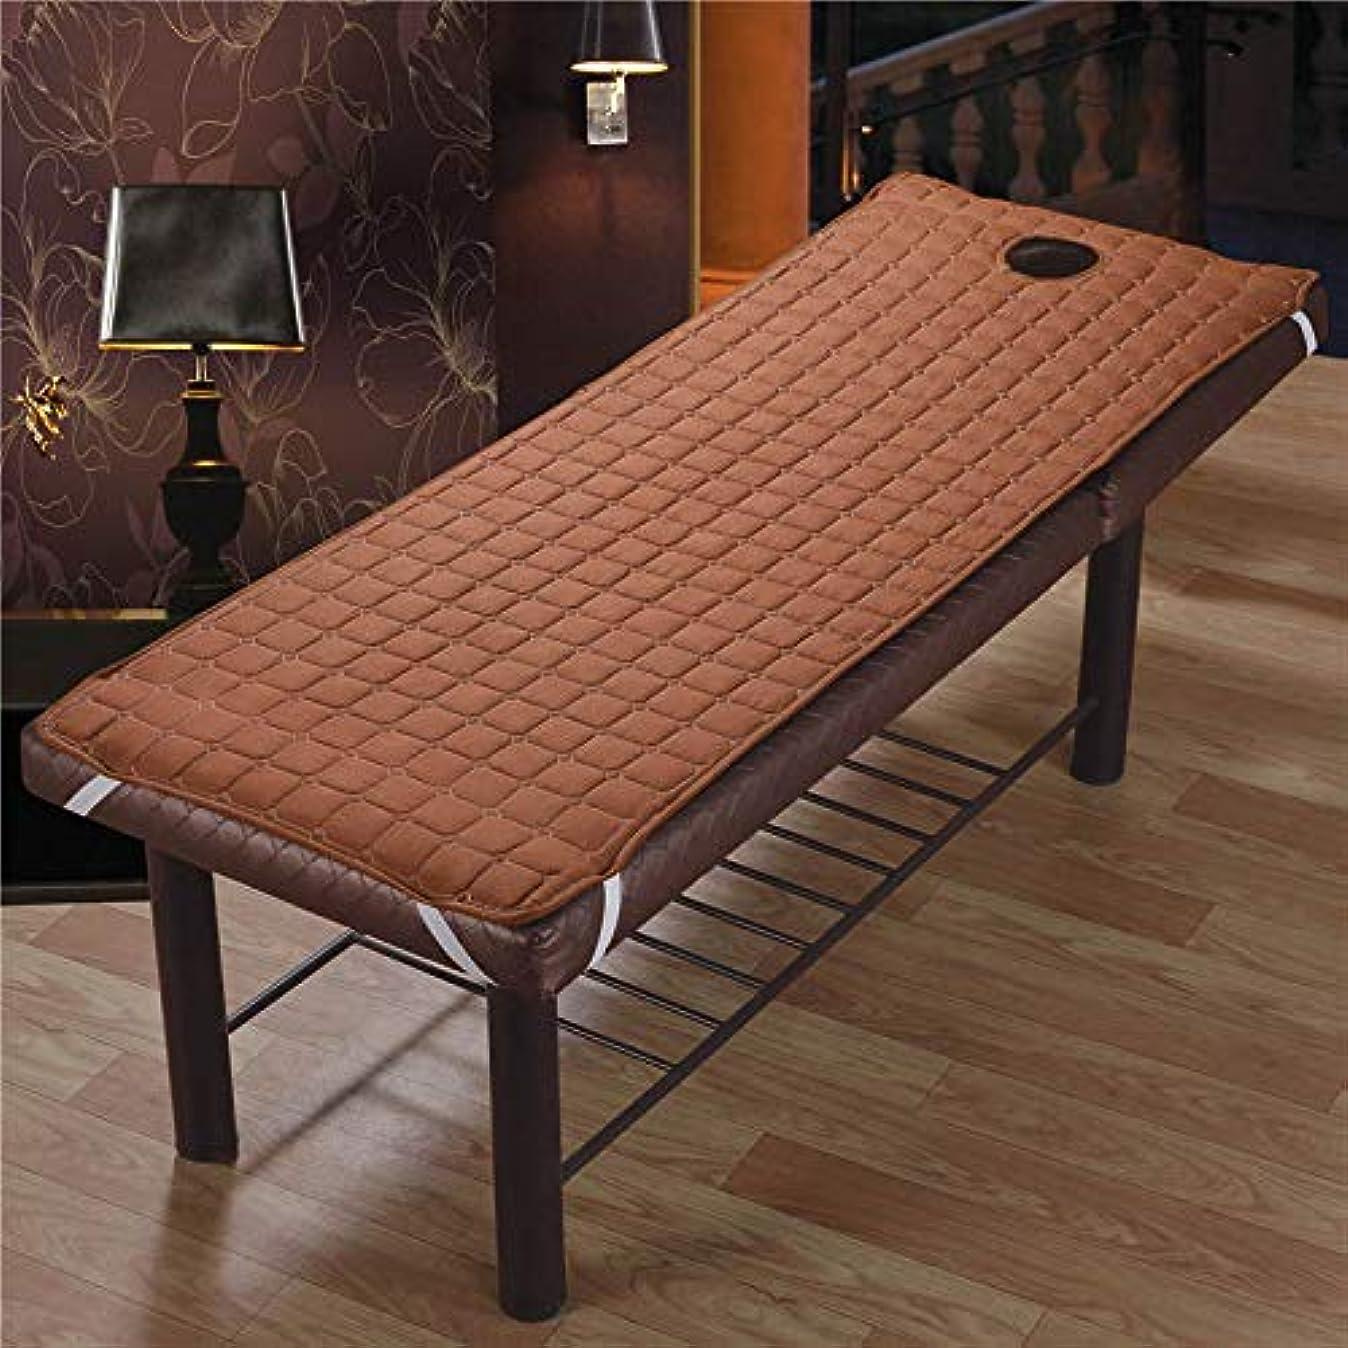 ナビゲーションホーム強いCoolTack  美容院のマッサージ療法のベッドのための滑り止めのSoliod色の長方形のマットレス